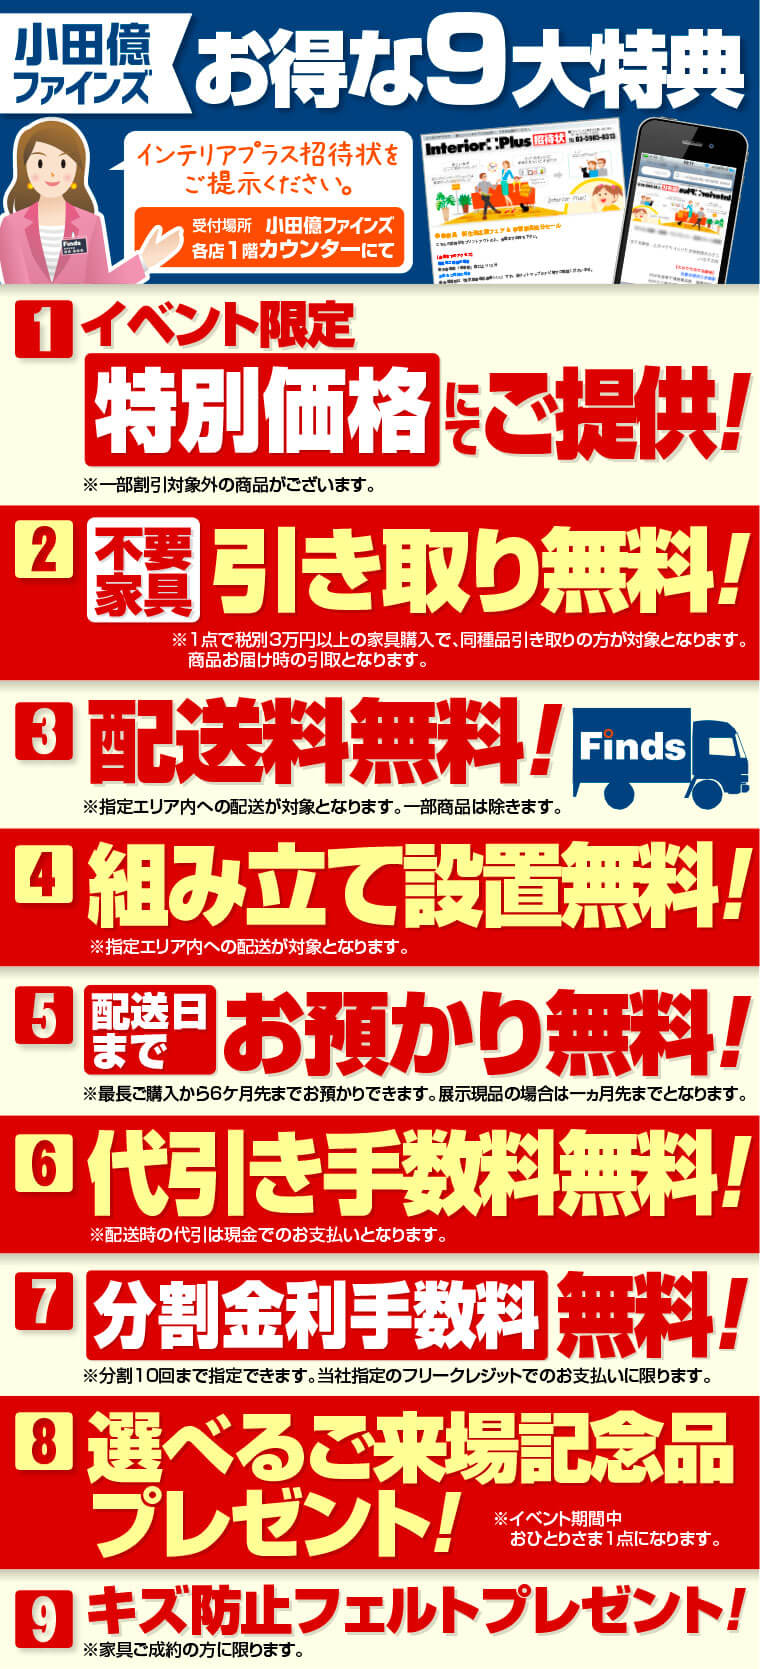 小田億ファンイズの特典